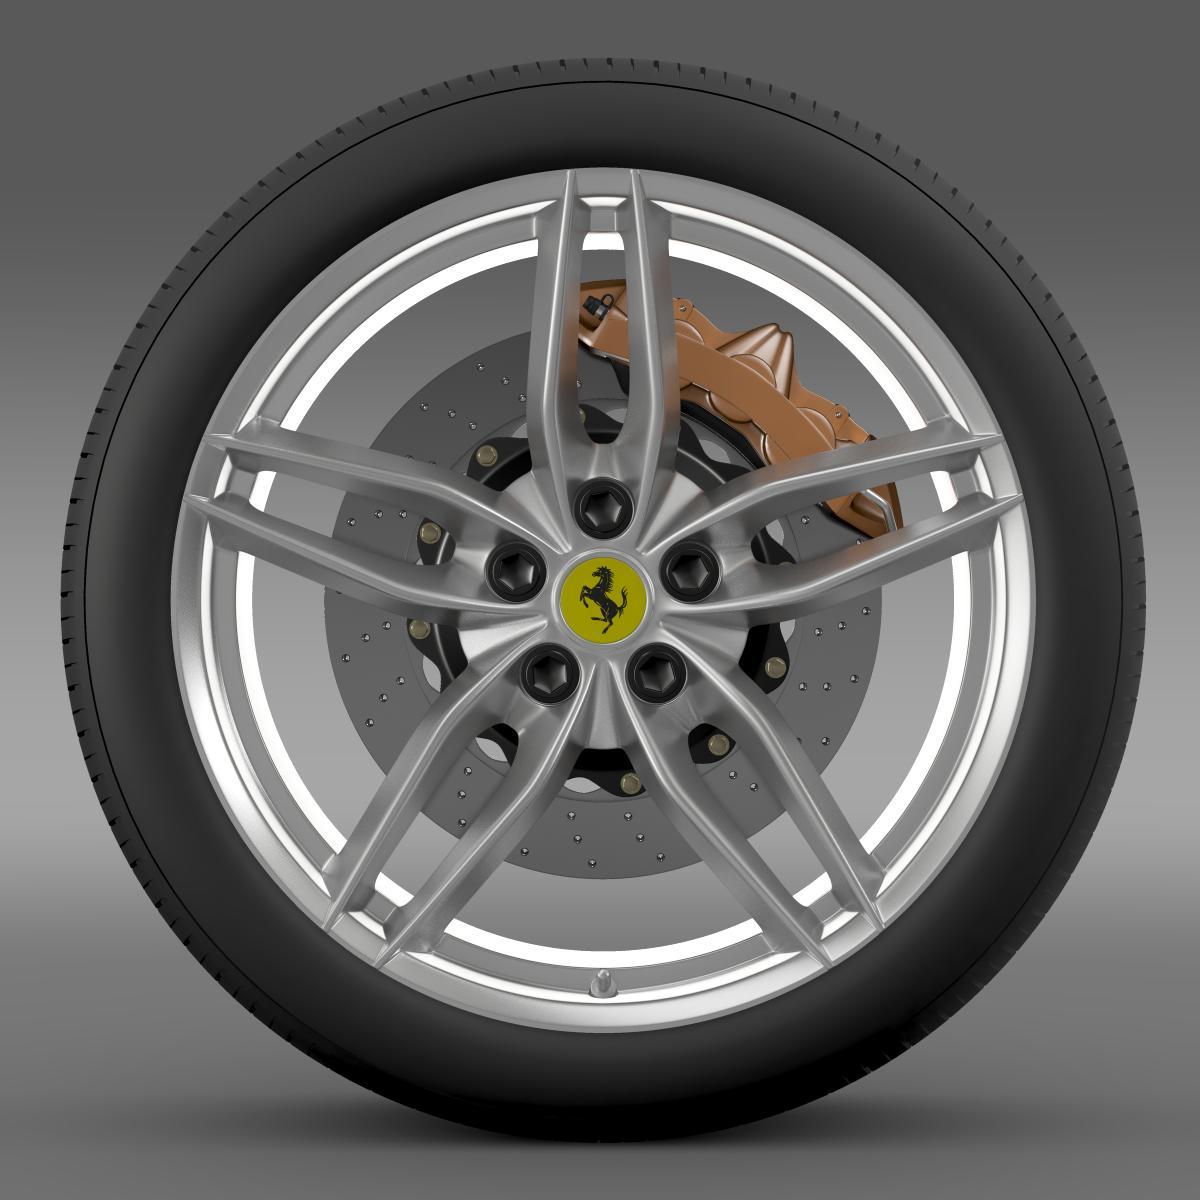 ferrari 488 gtb 2015 wheel 3d model 3ds max fbx c4d lwo ma mb hrc xsi obj 210683